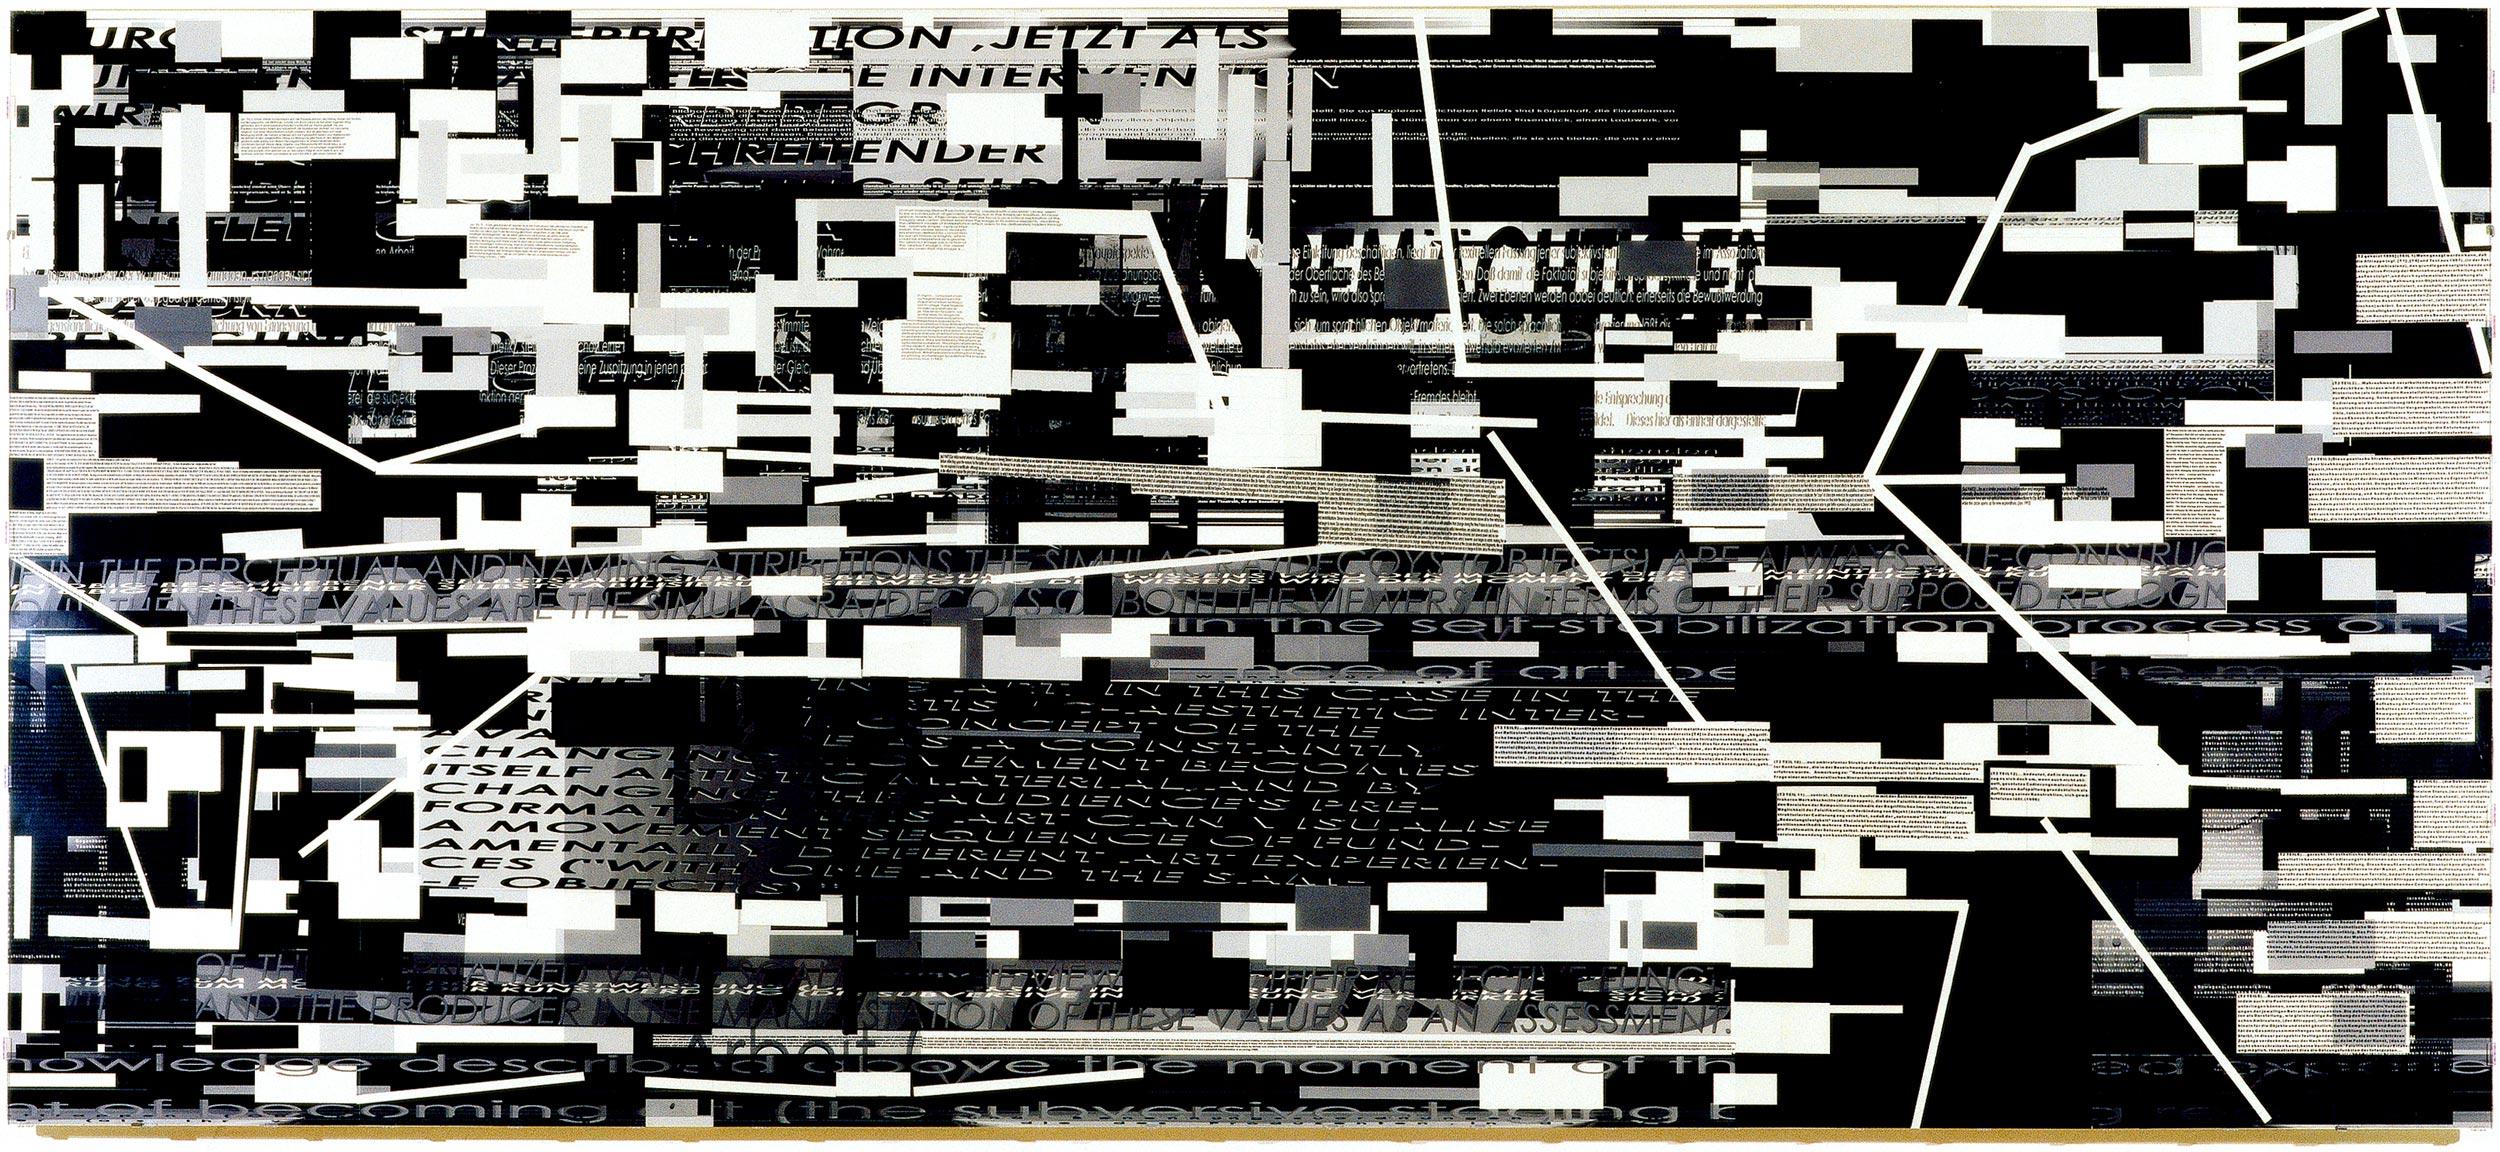 Herwig Steiner (1956L) Pre-Print 204b2 / Ω / 5 / SW / engl / dt / 11 / 2000 / computergenerierter Print / mehrlagig / Folie auf Platte / Acrylglas / 125,8x280cm Foto: Ebenhofer